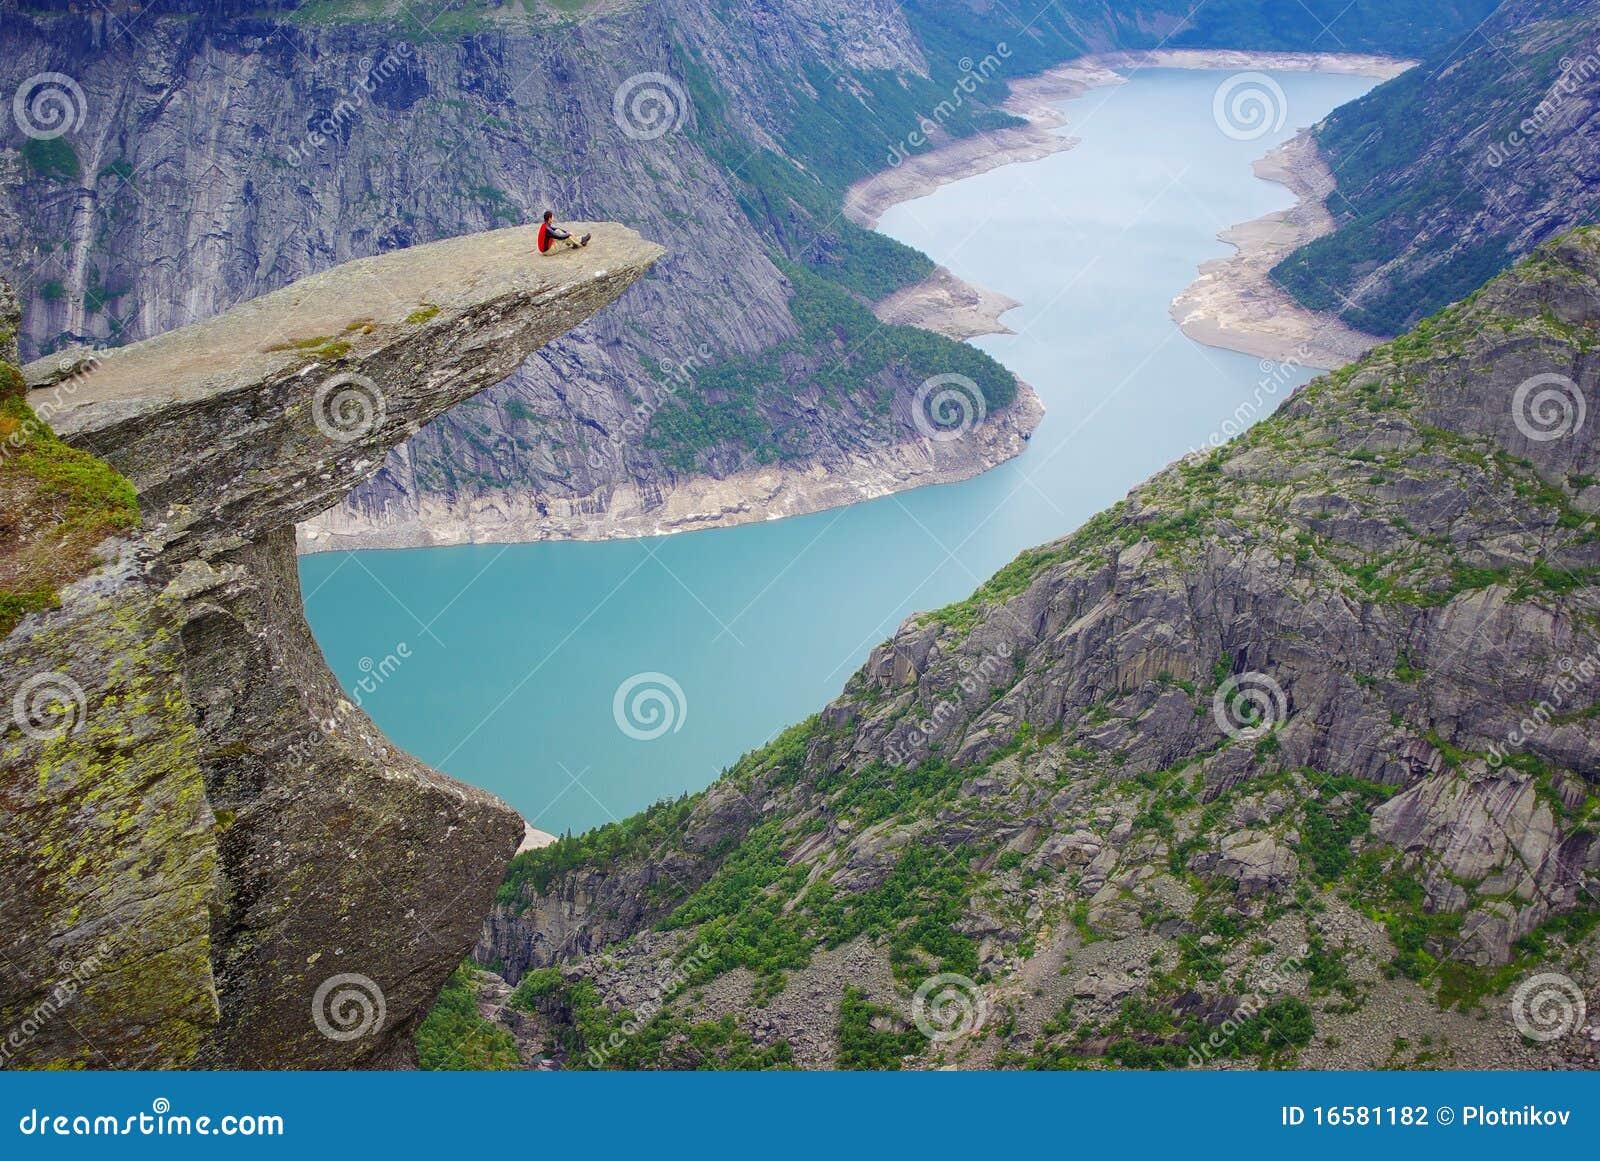 Het schilderachtige landschap van Noorwegen. Trolltunga